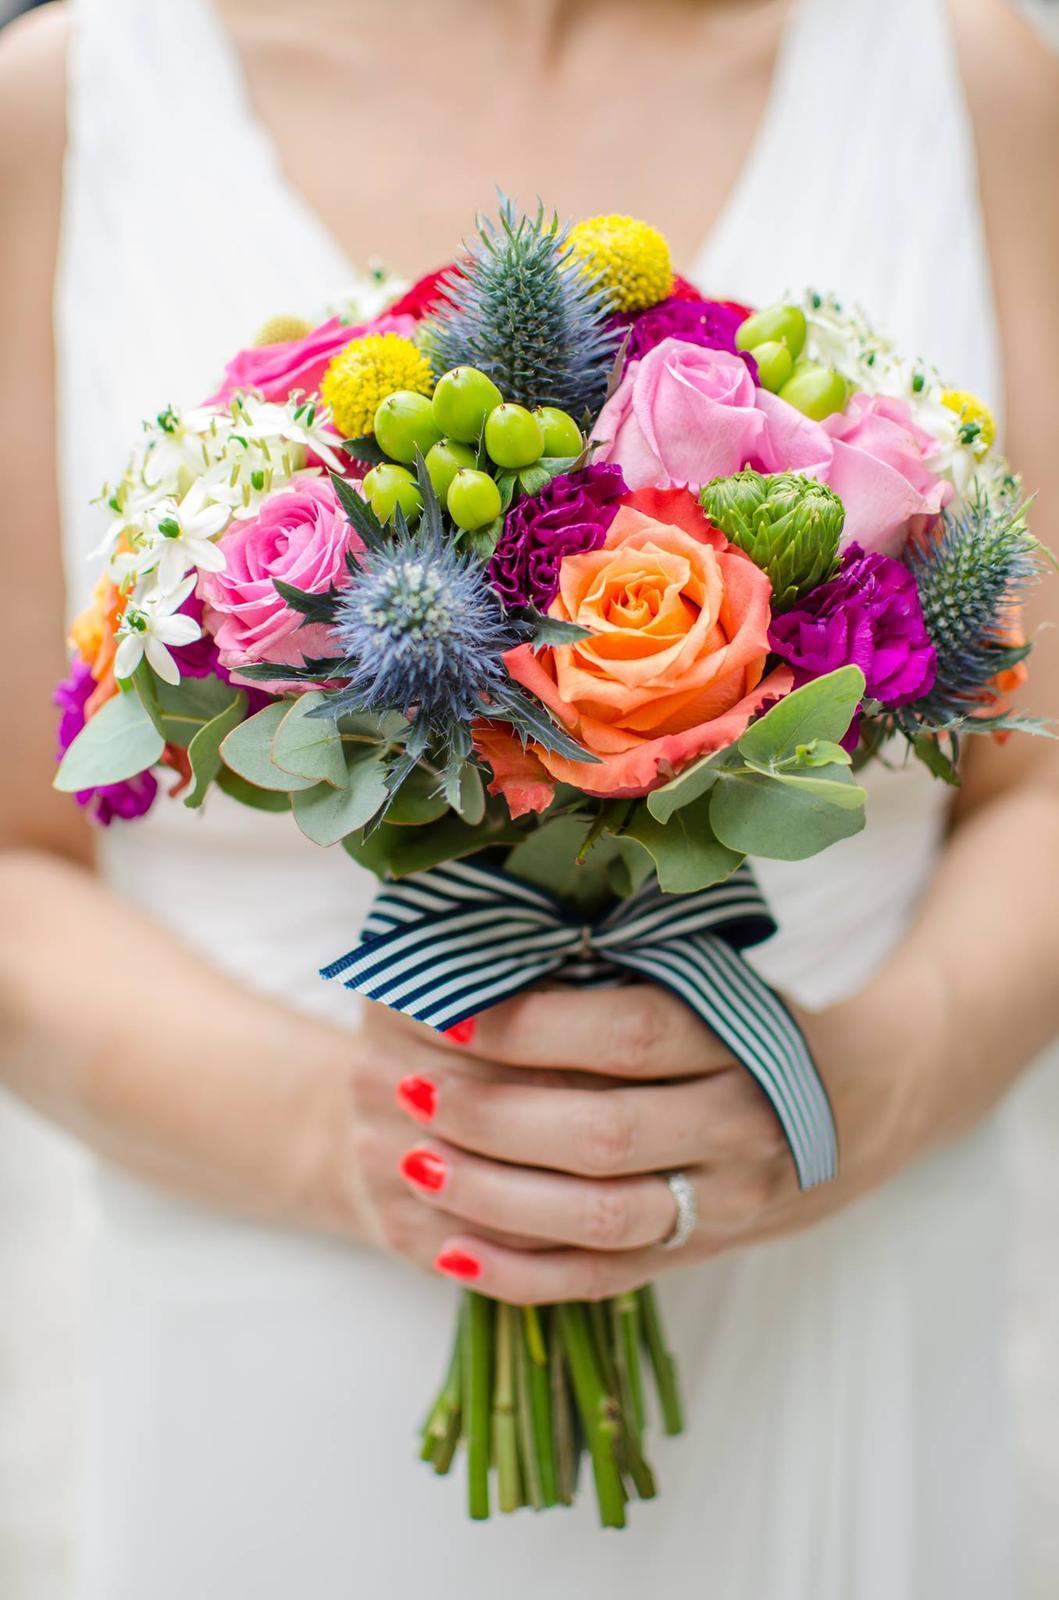 Kristýna{{_AND_}}Jirka - to je tak, když necháte floristce volnou ruku.....